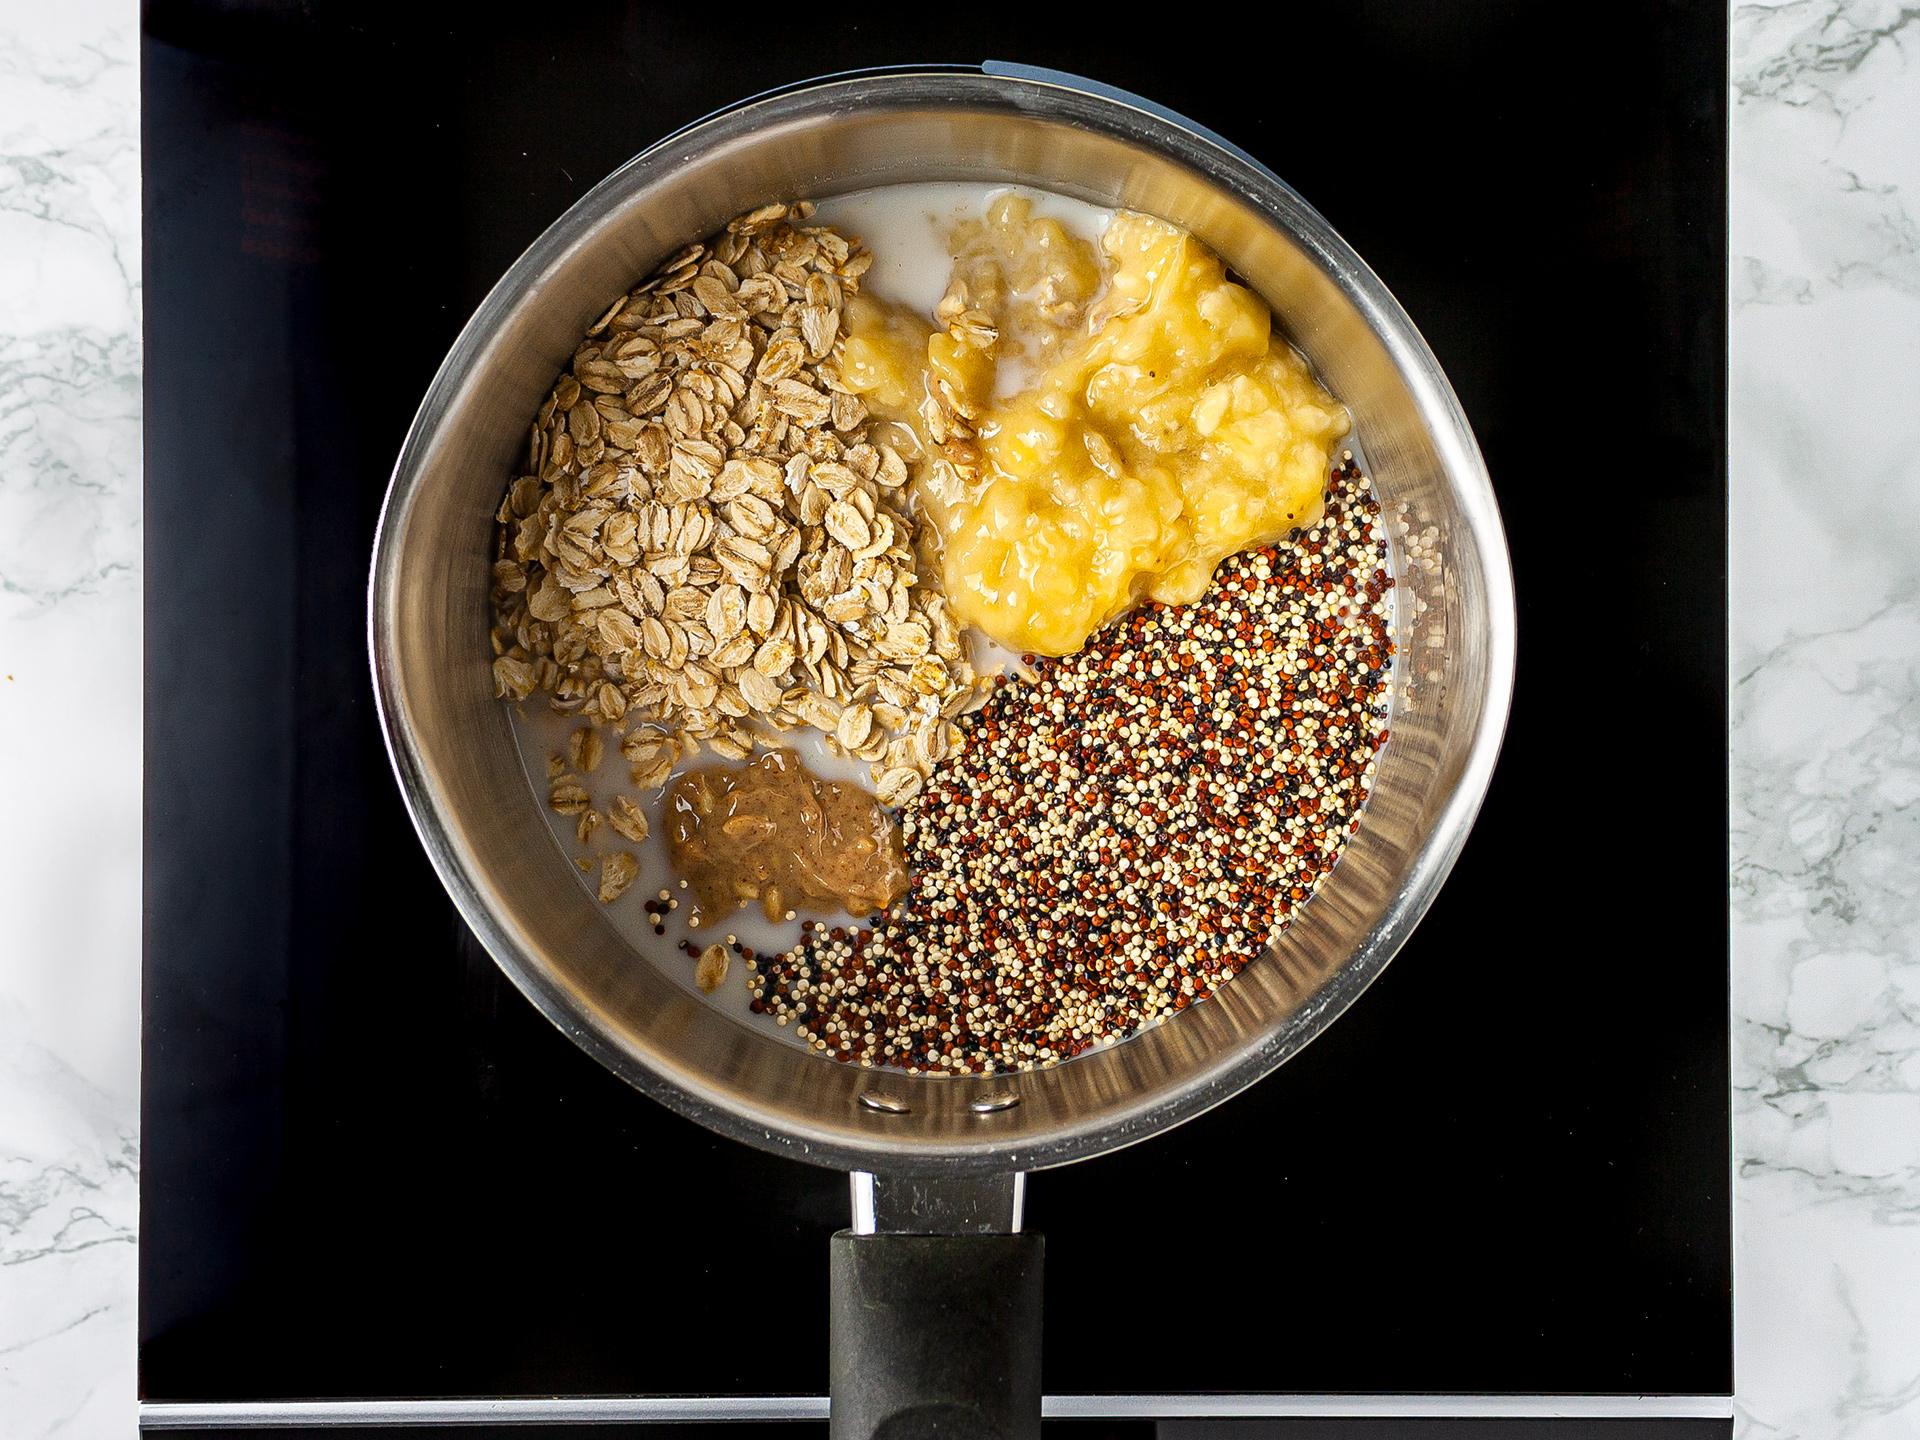 Step 1.1 of Peanut Porridge Recipe